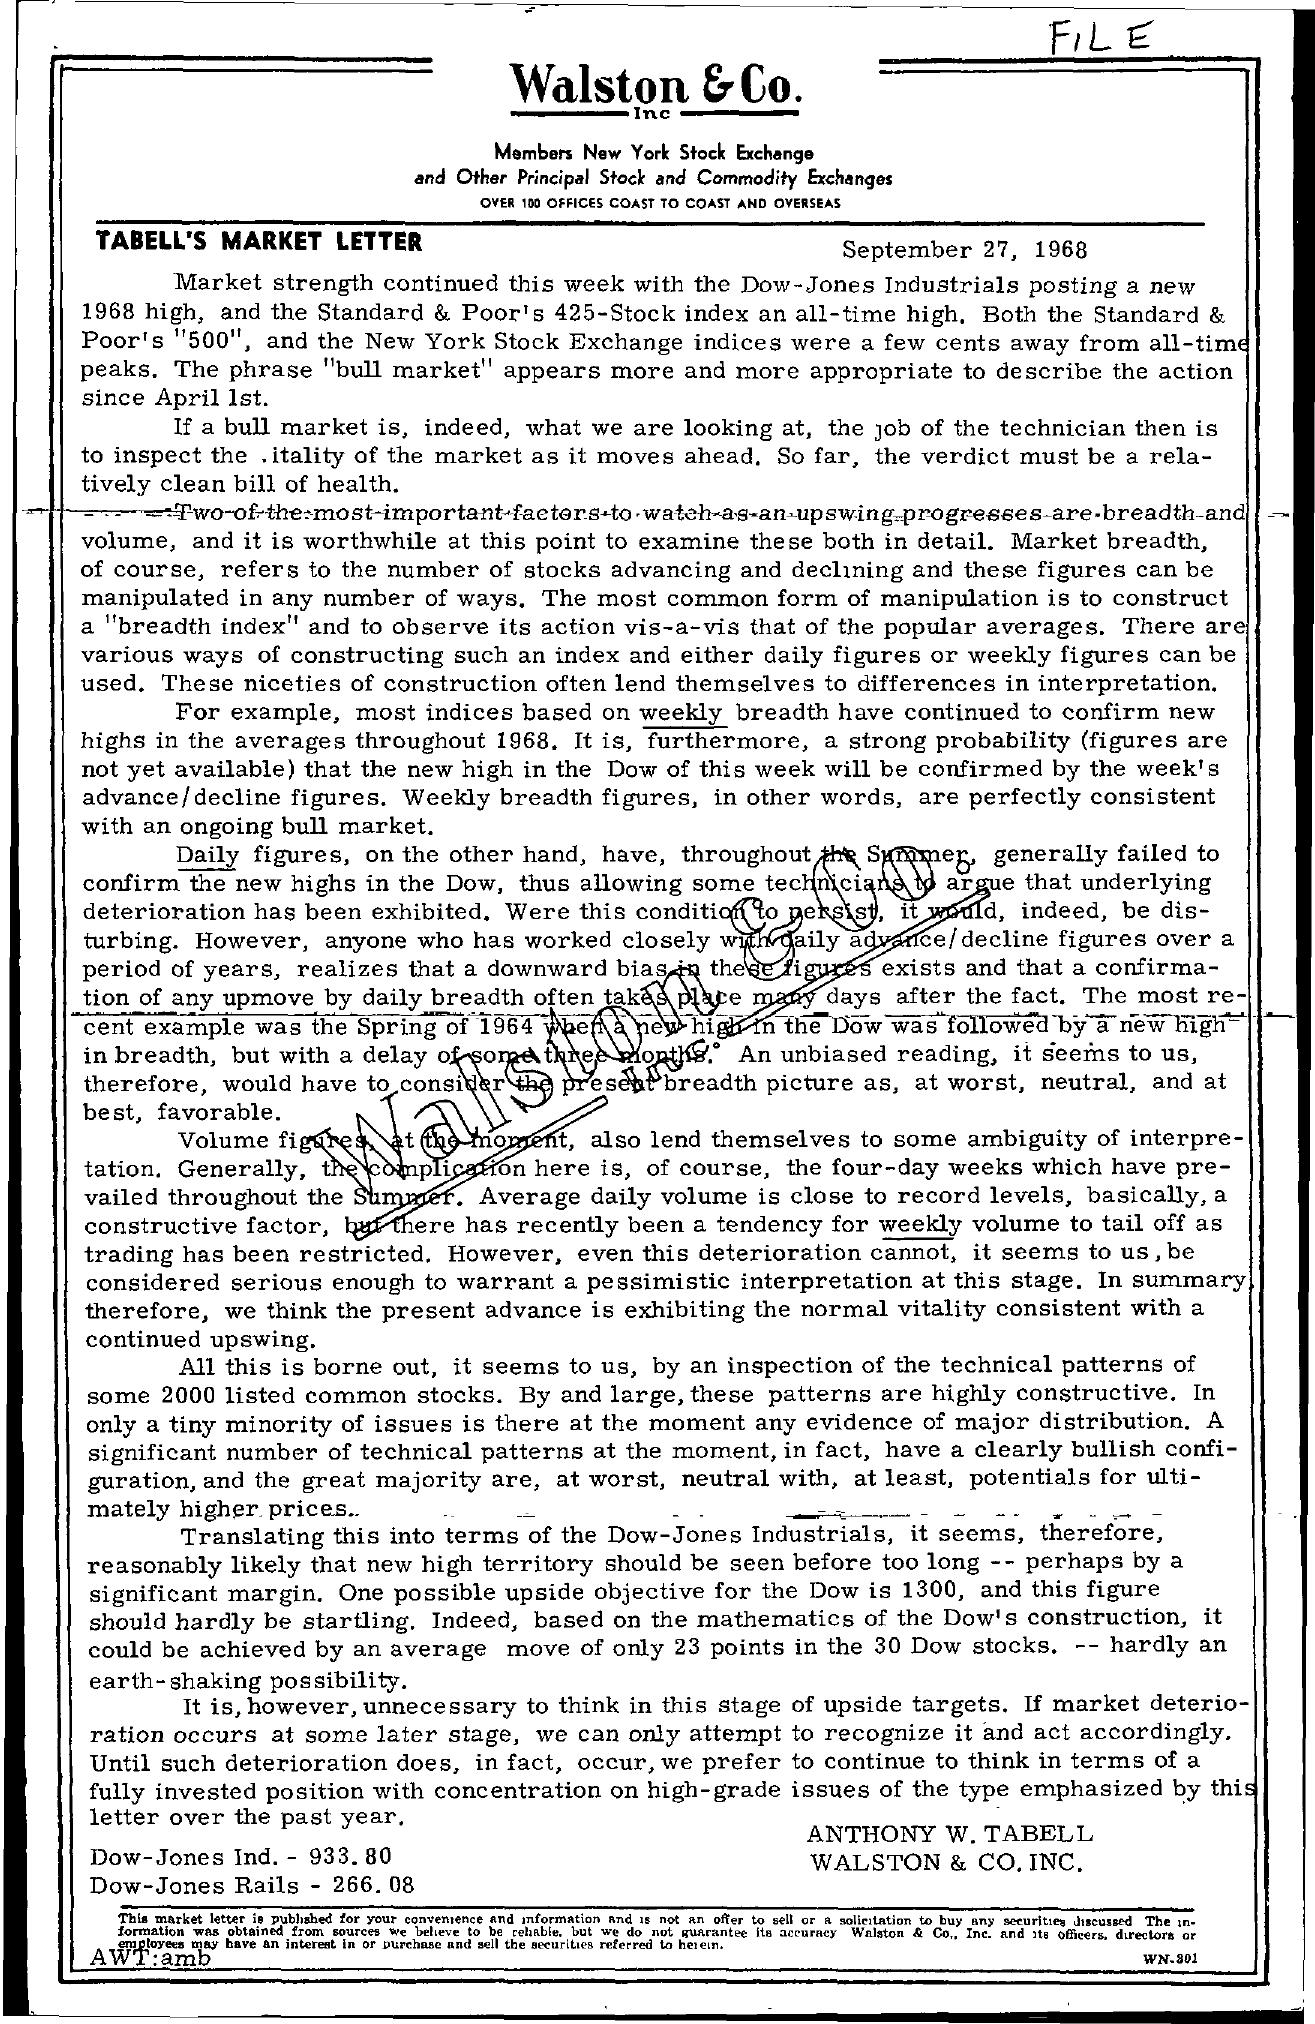 Tabell's Market Letter - September 27, 1968